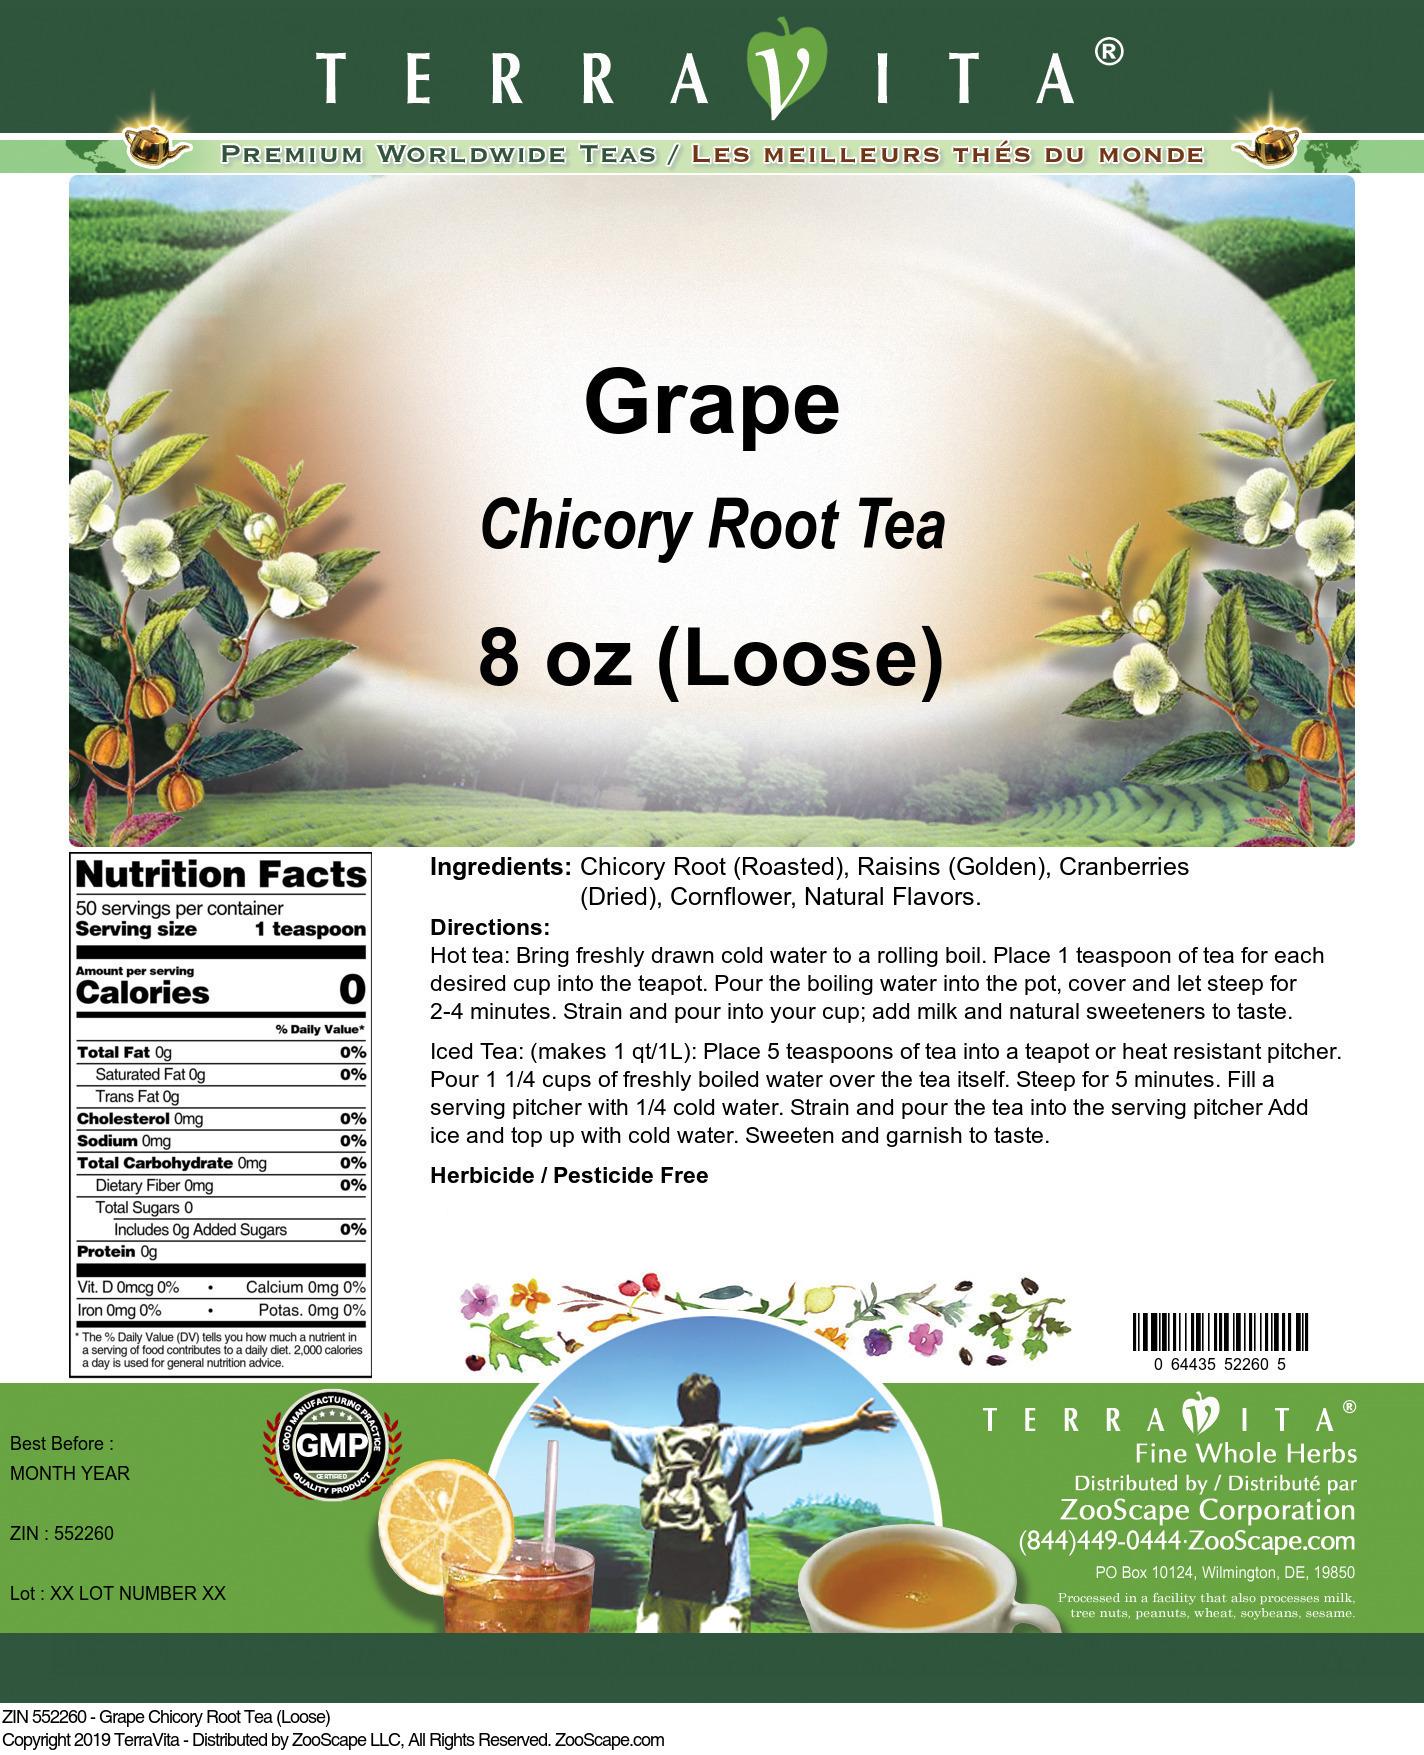 Grape Chicory Root